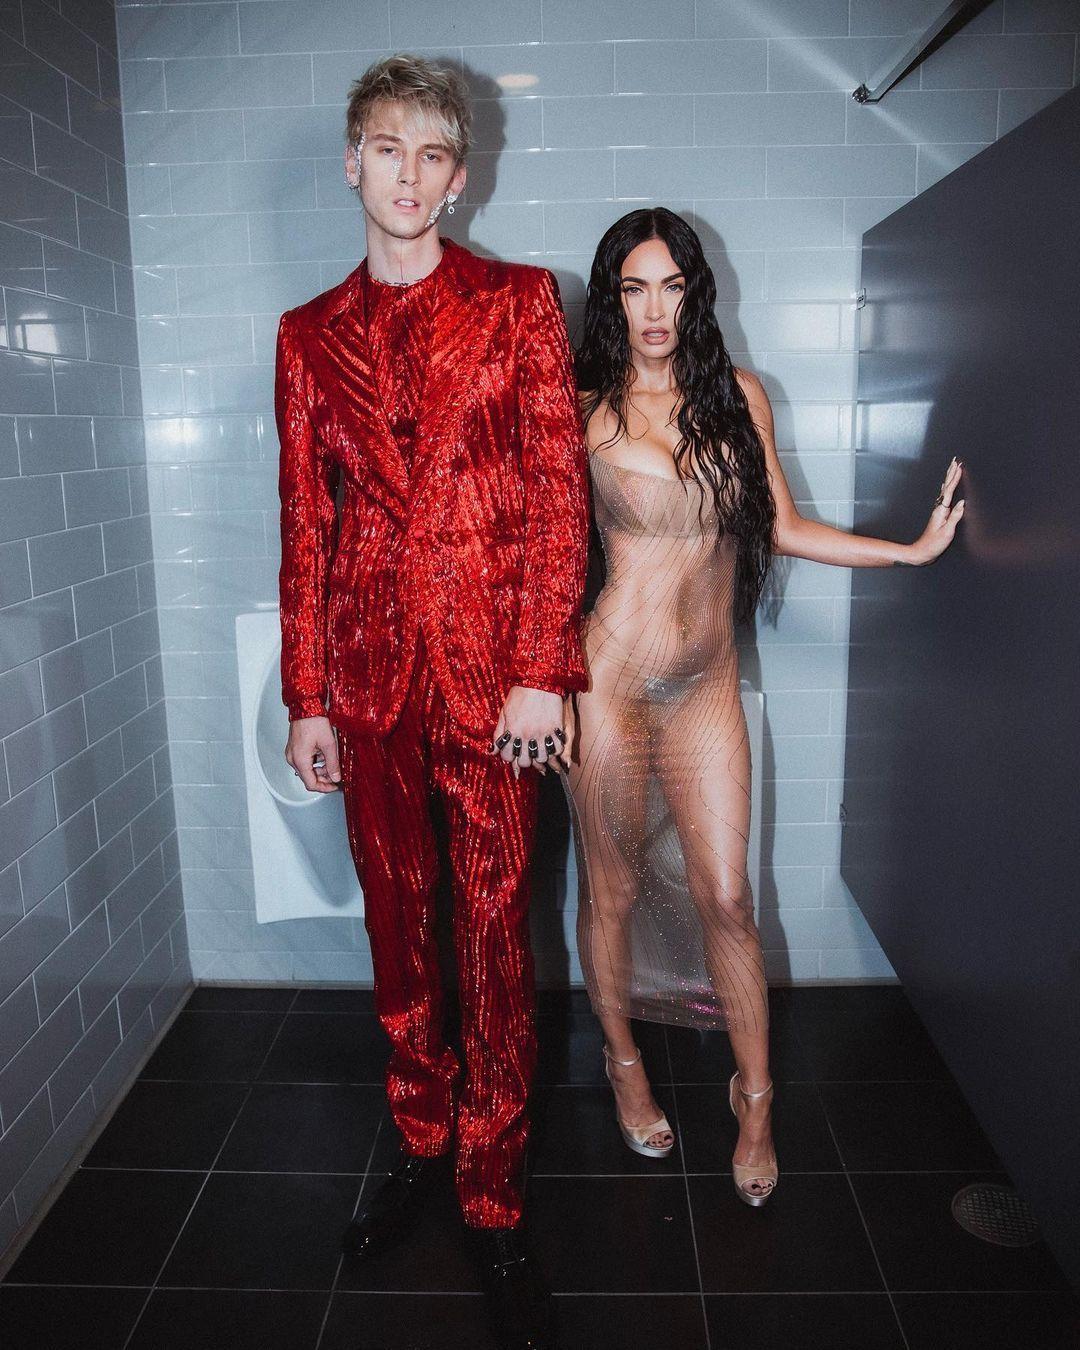 Megan Fox'un MTV müzik ödüllerinde giydiği şeffaf elbisesi olay oldu - Sayfa:3